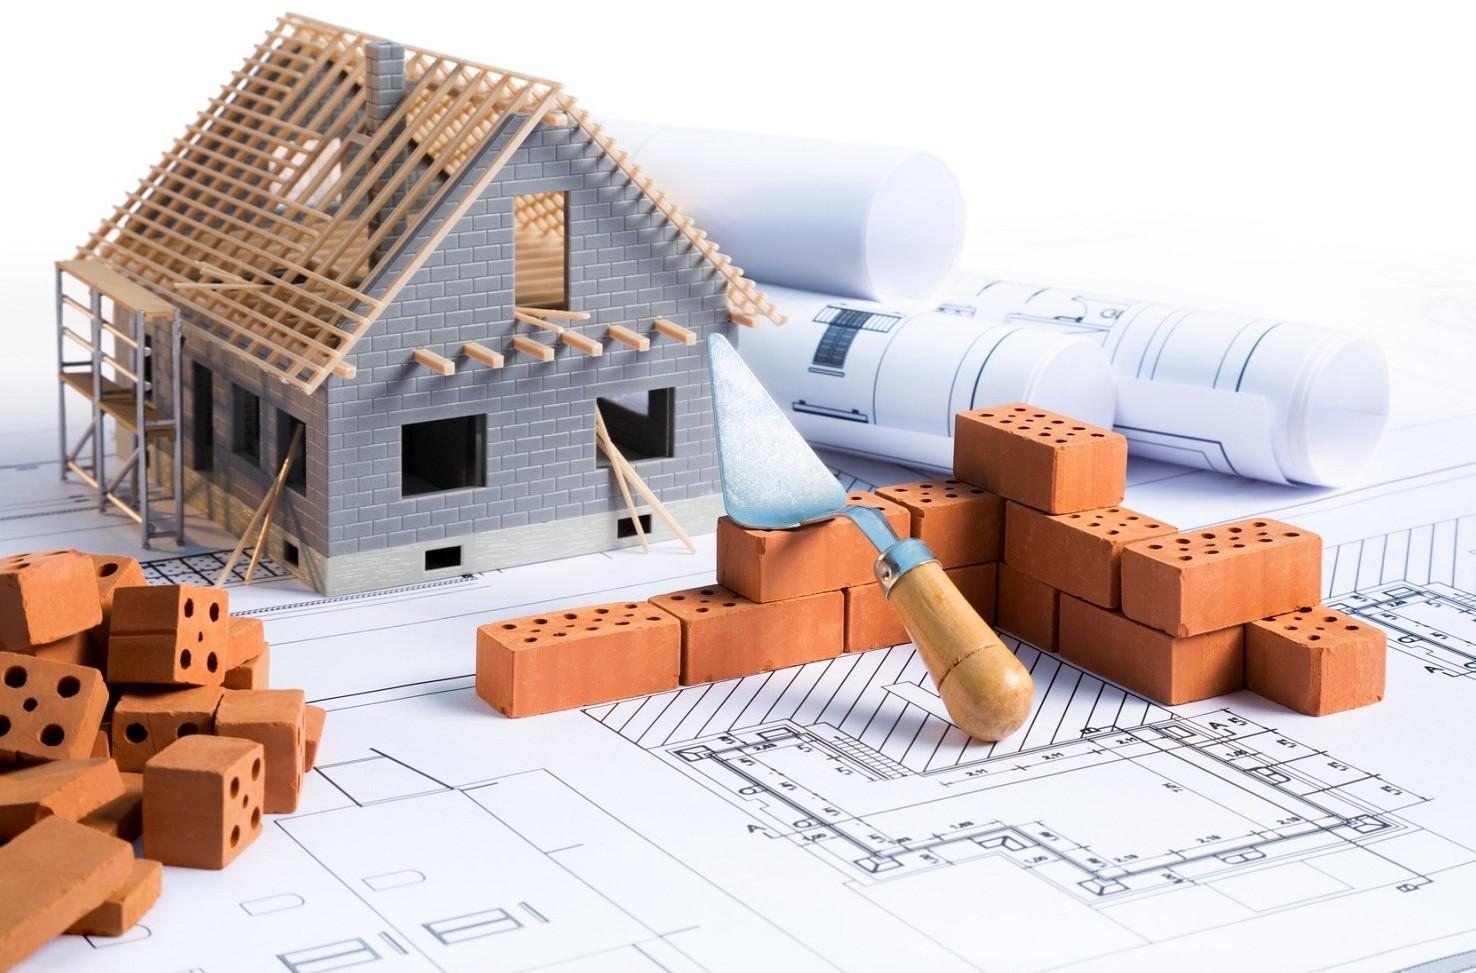 ristrutturazione casa 2017 e bonus mobili 2017: incentivi fiscali